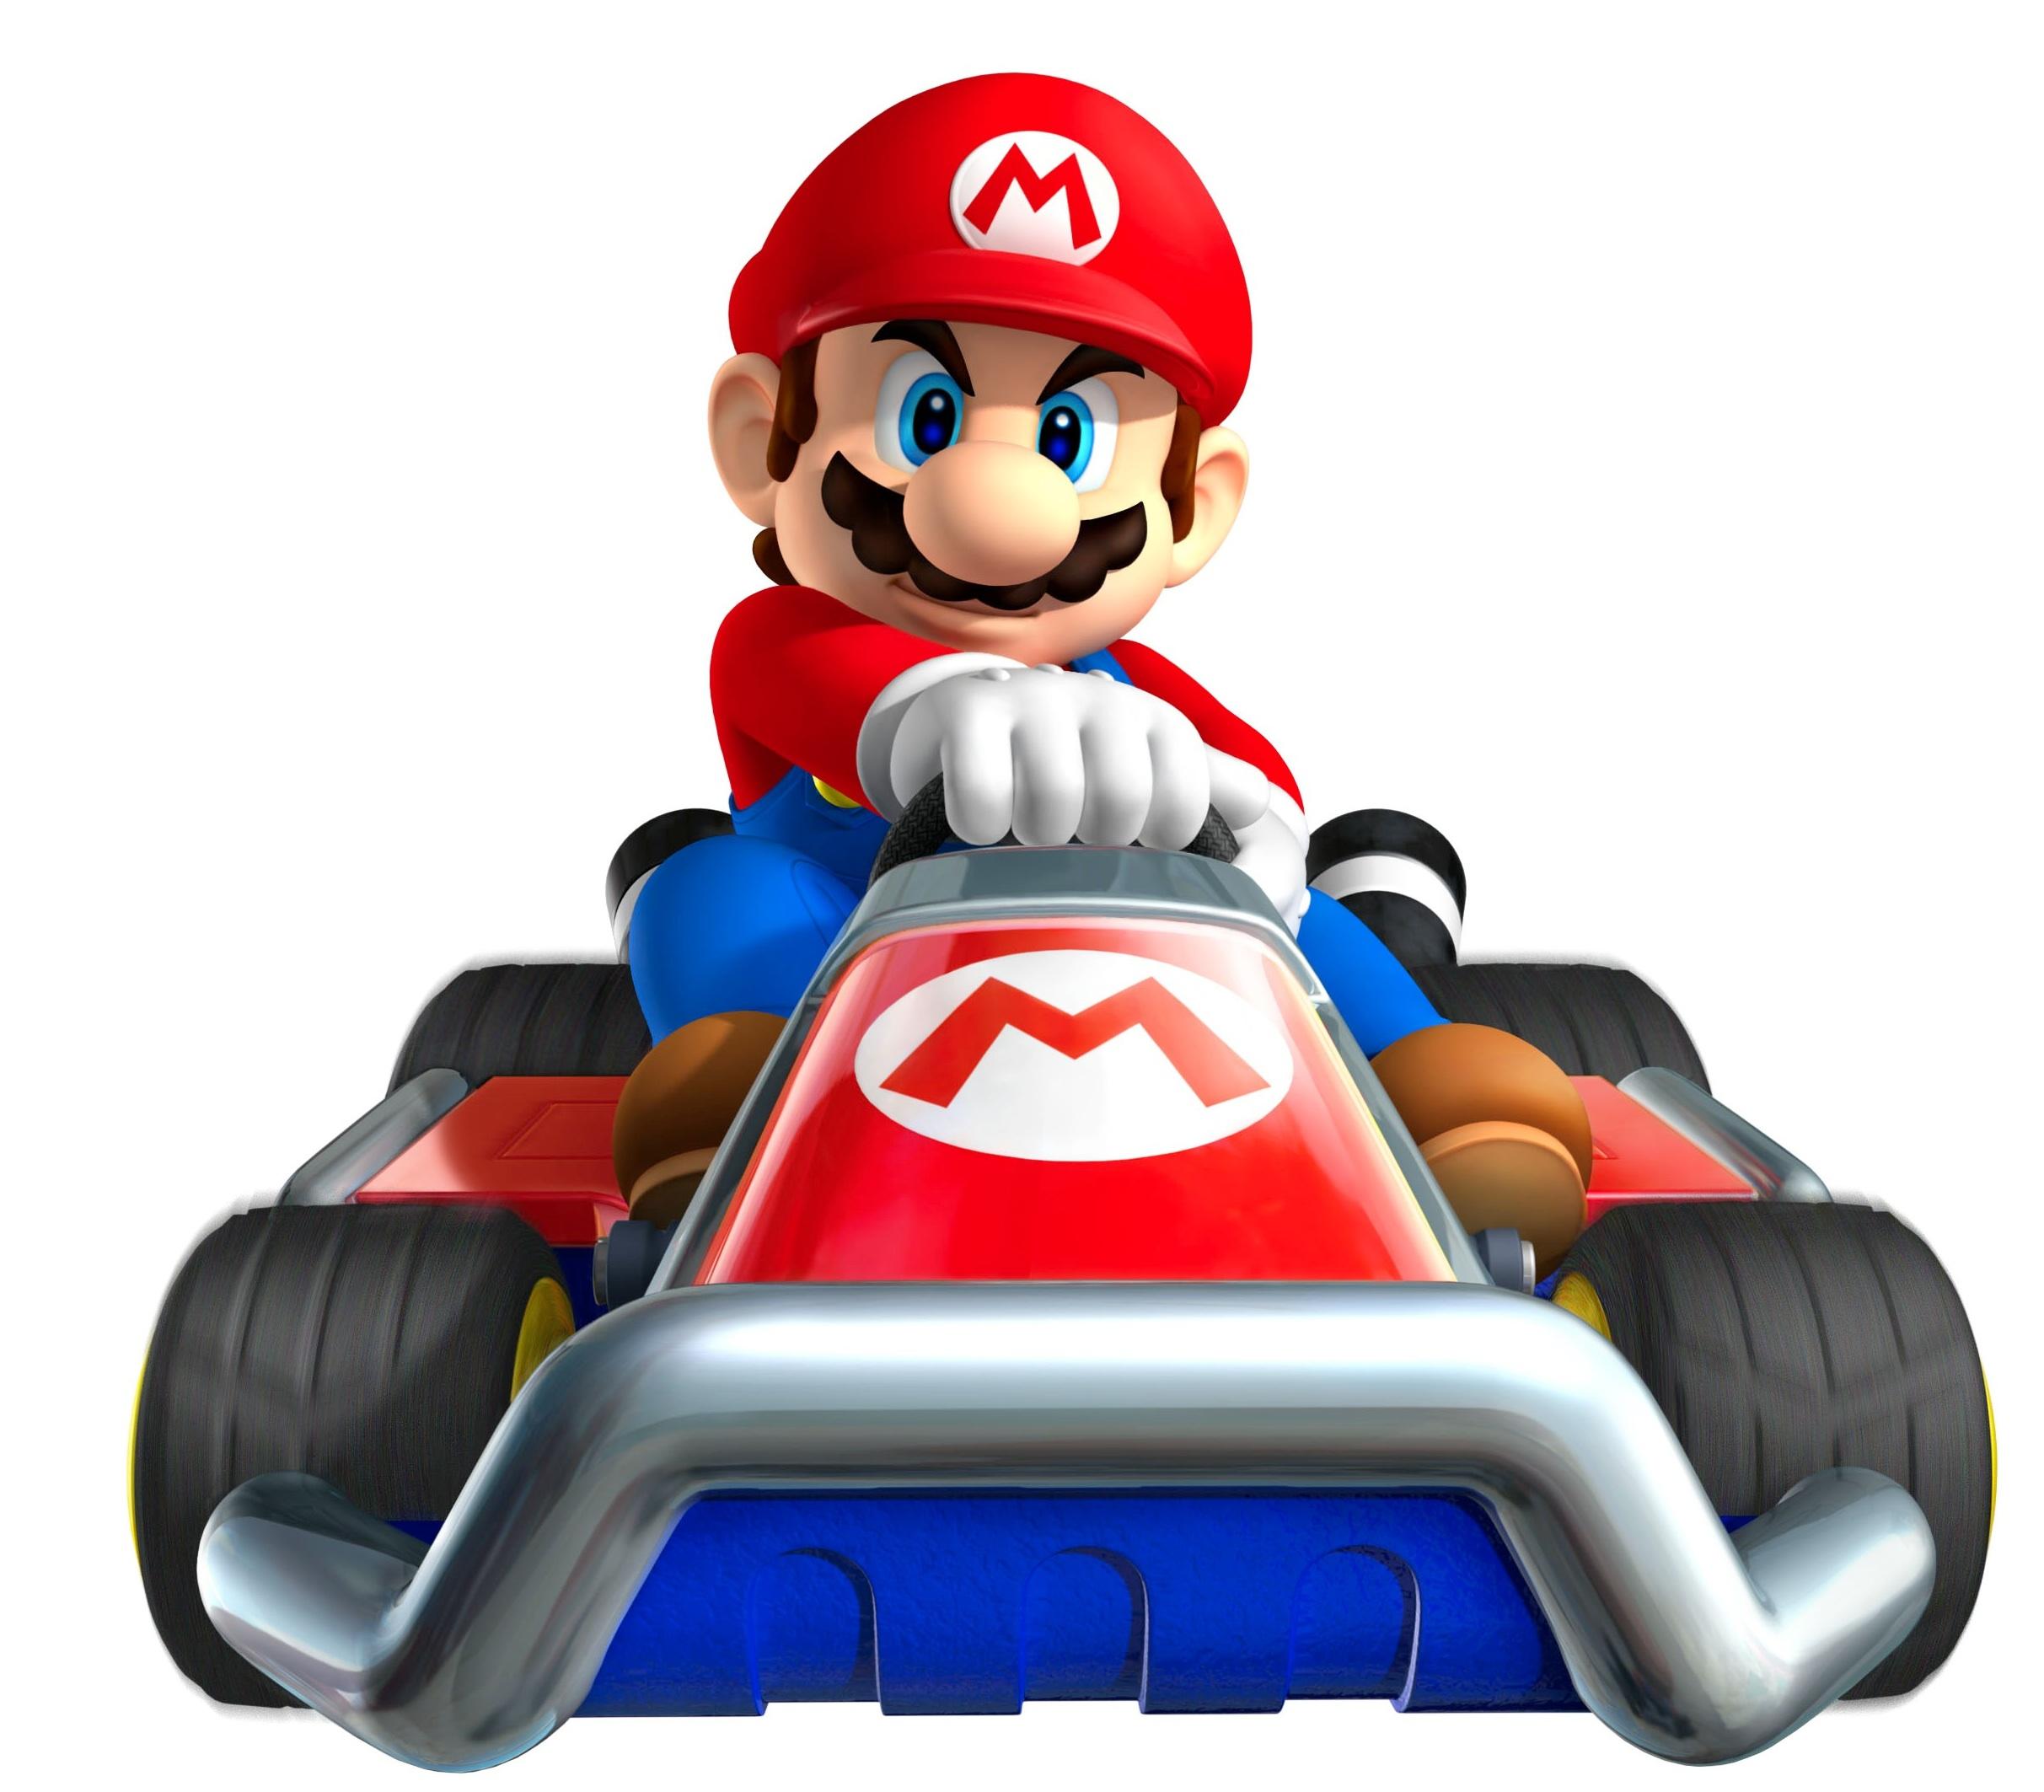 Mario kart 8 clipart clip free download Mario Clipart | Free download best Mario Clipart on ... clip free download